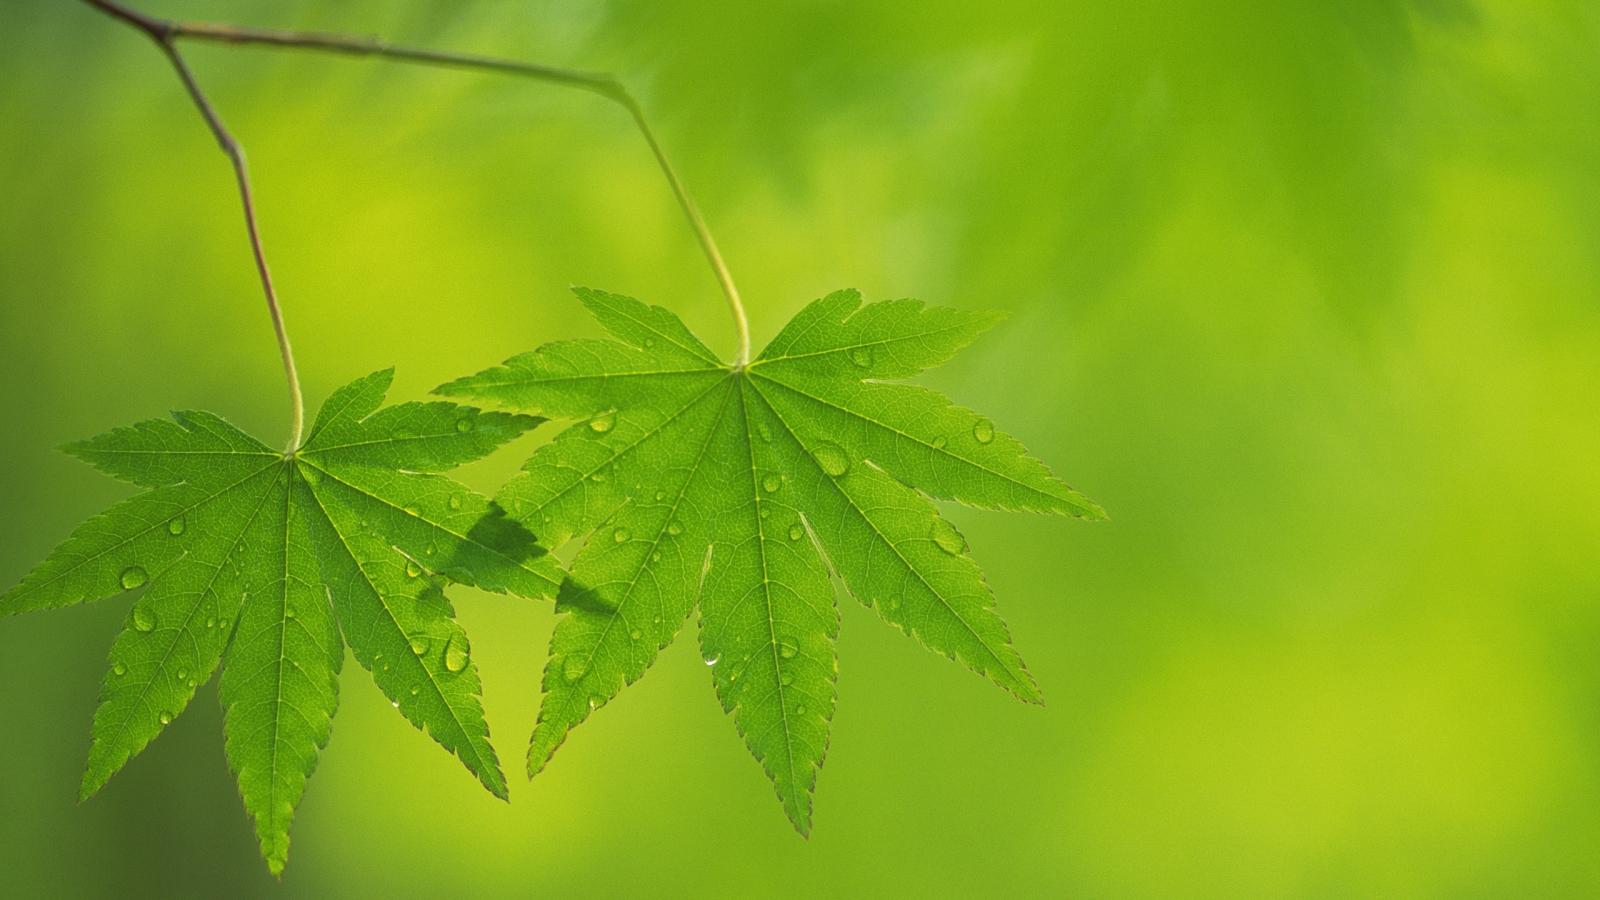 Fondos de Pantalla HD Cannabis - Taringa!